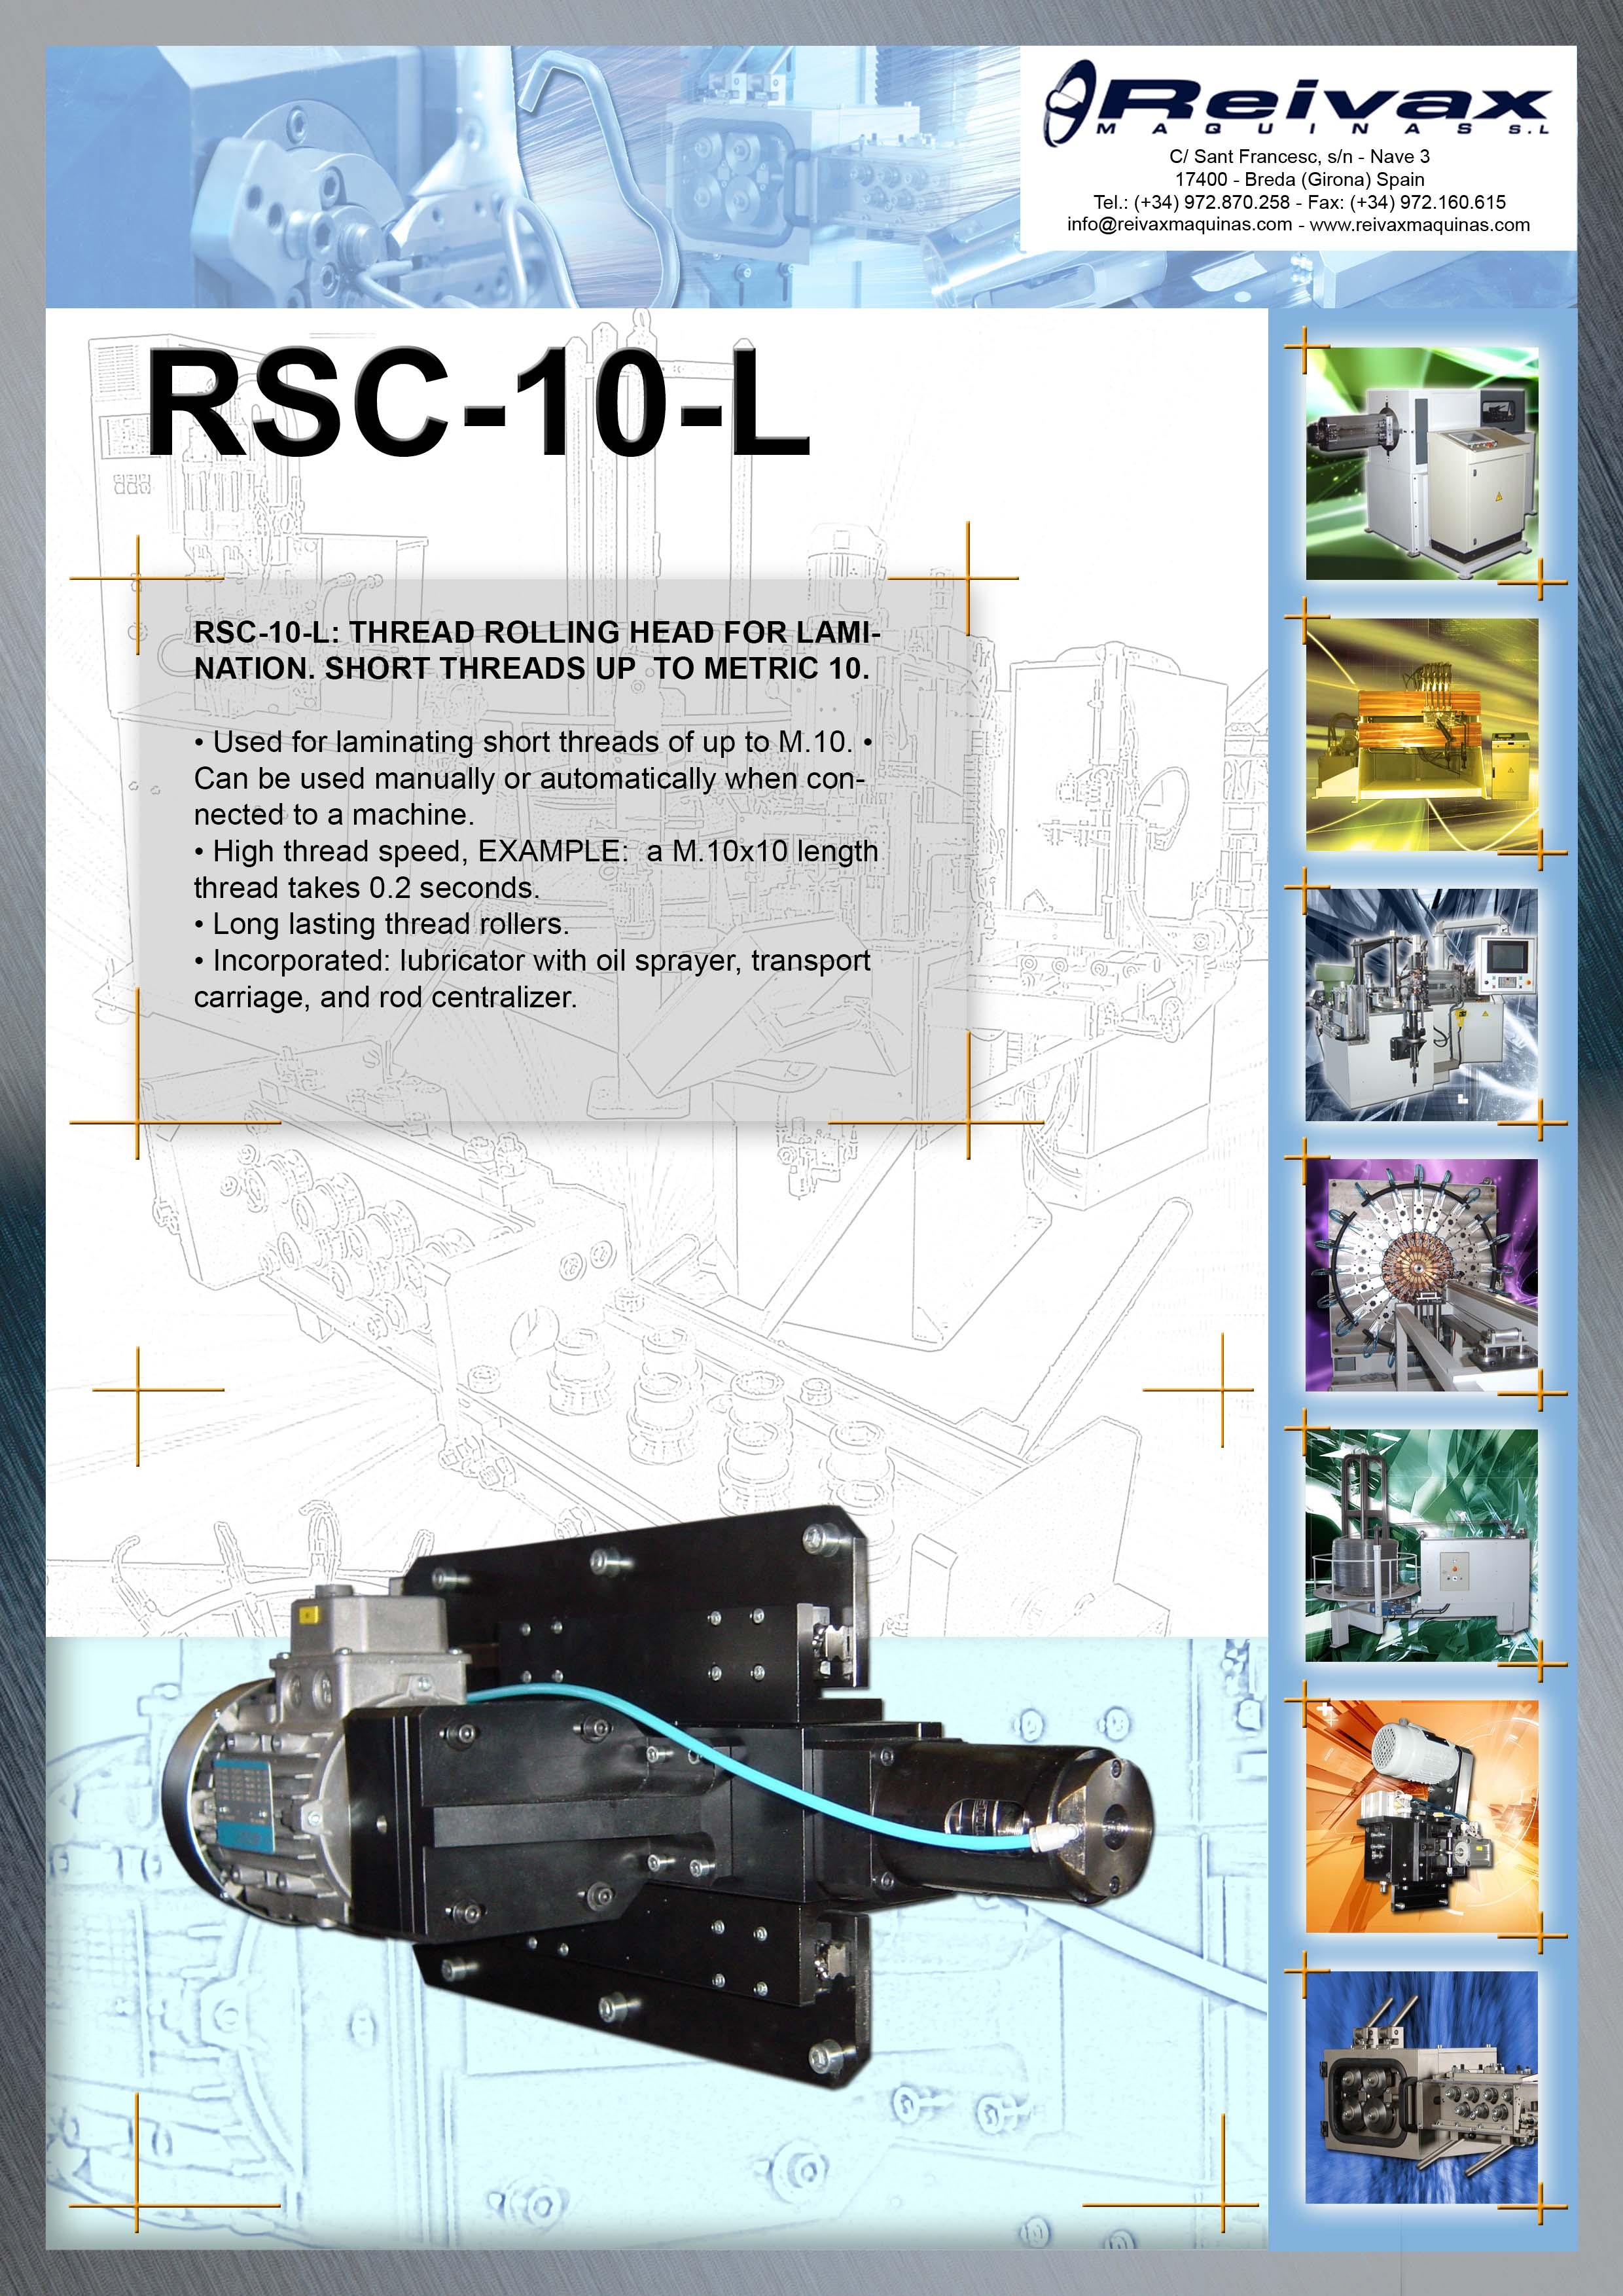 ReivaxMaquinas: Technical Details RSC-10-L